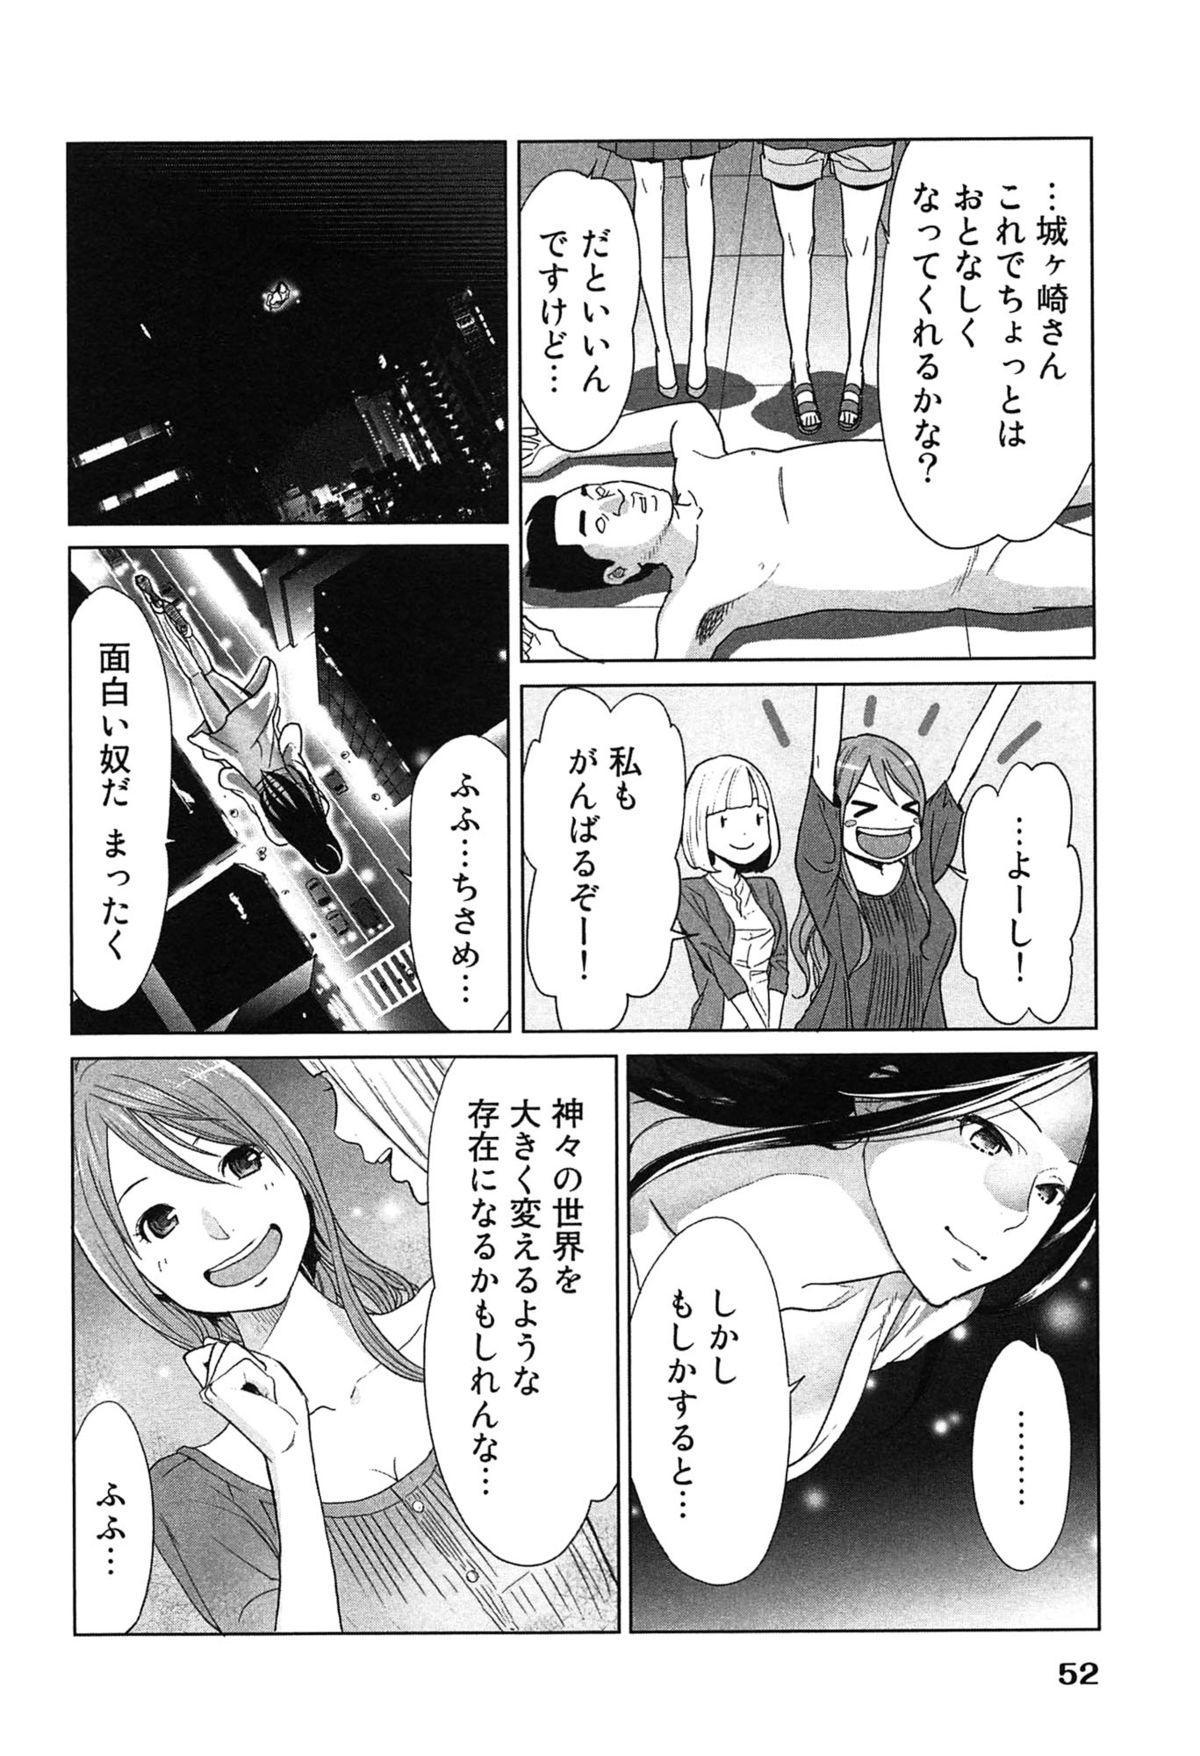 Megami to Ichinen Kura Shite Mita. 2 55